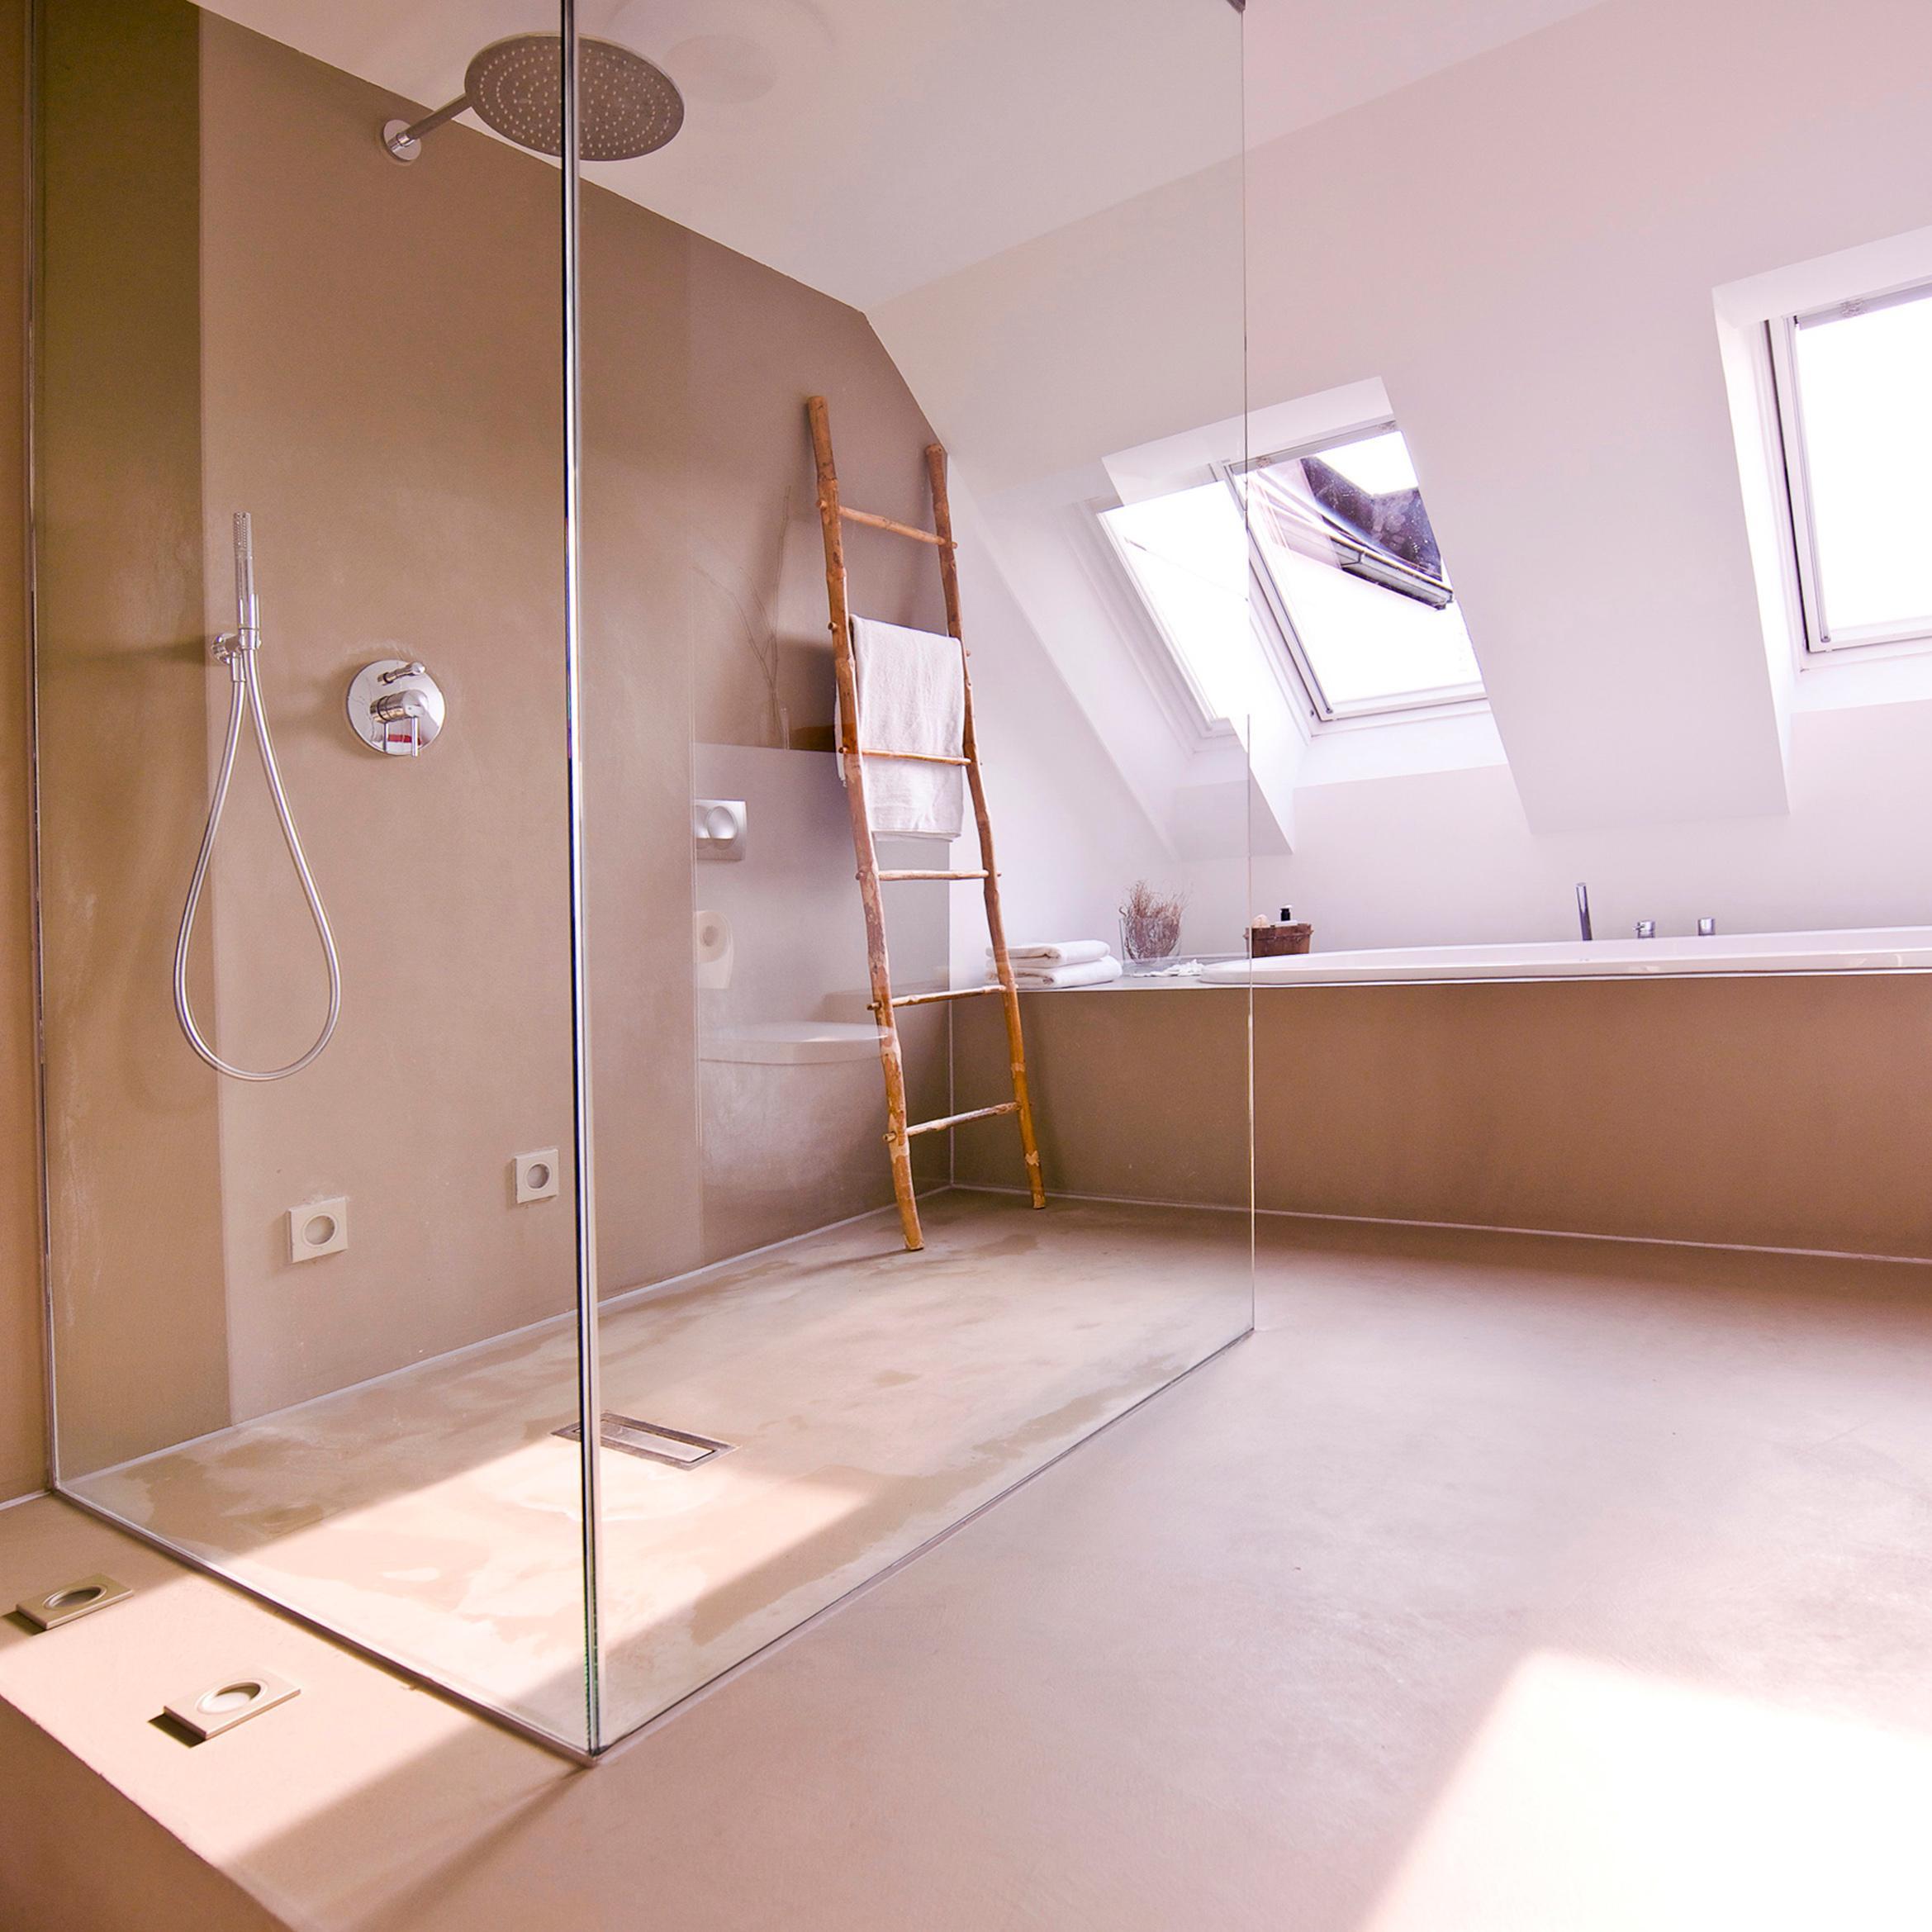 große Dusche #dachschräge #betonboden #badewanne #ba...